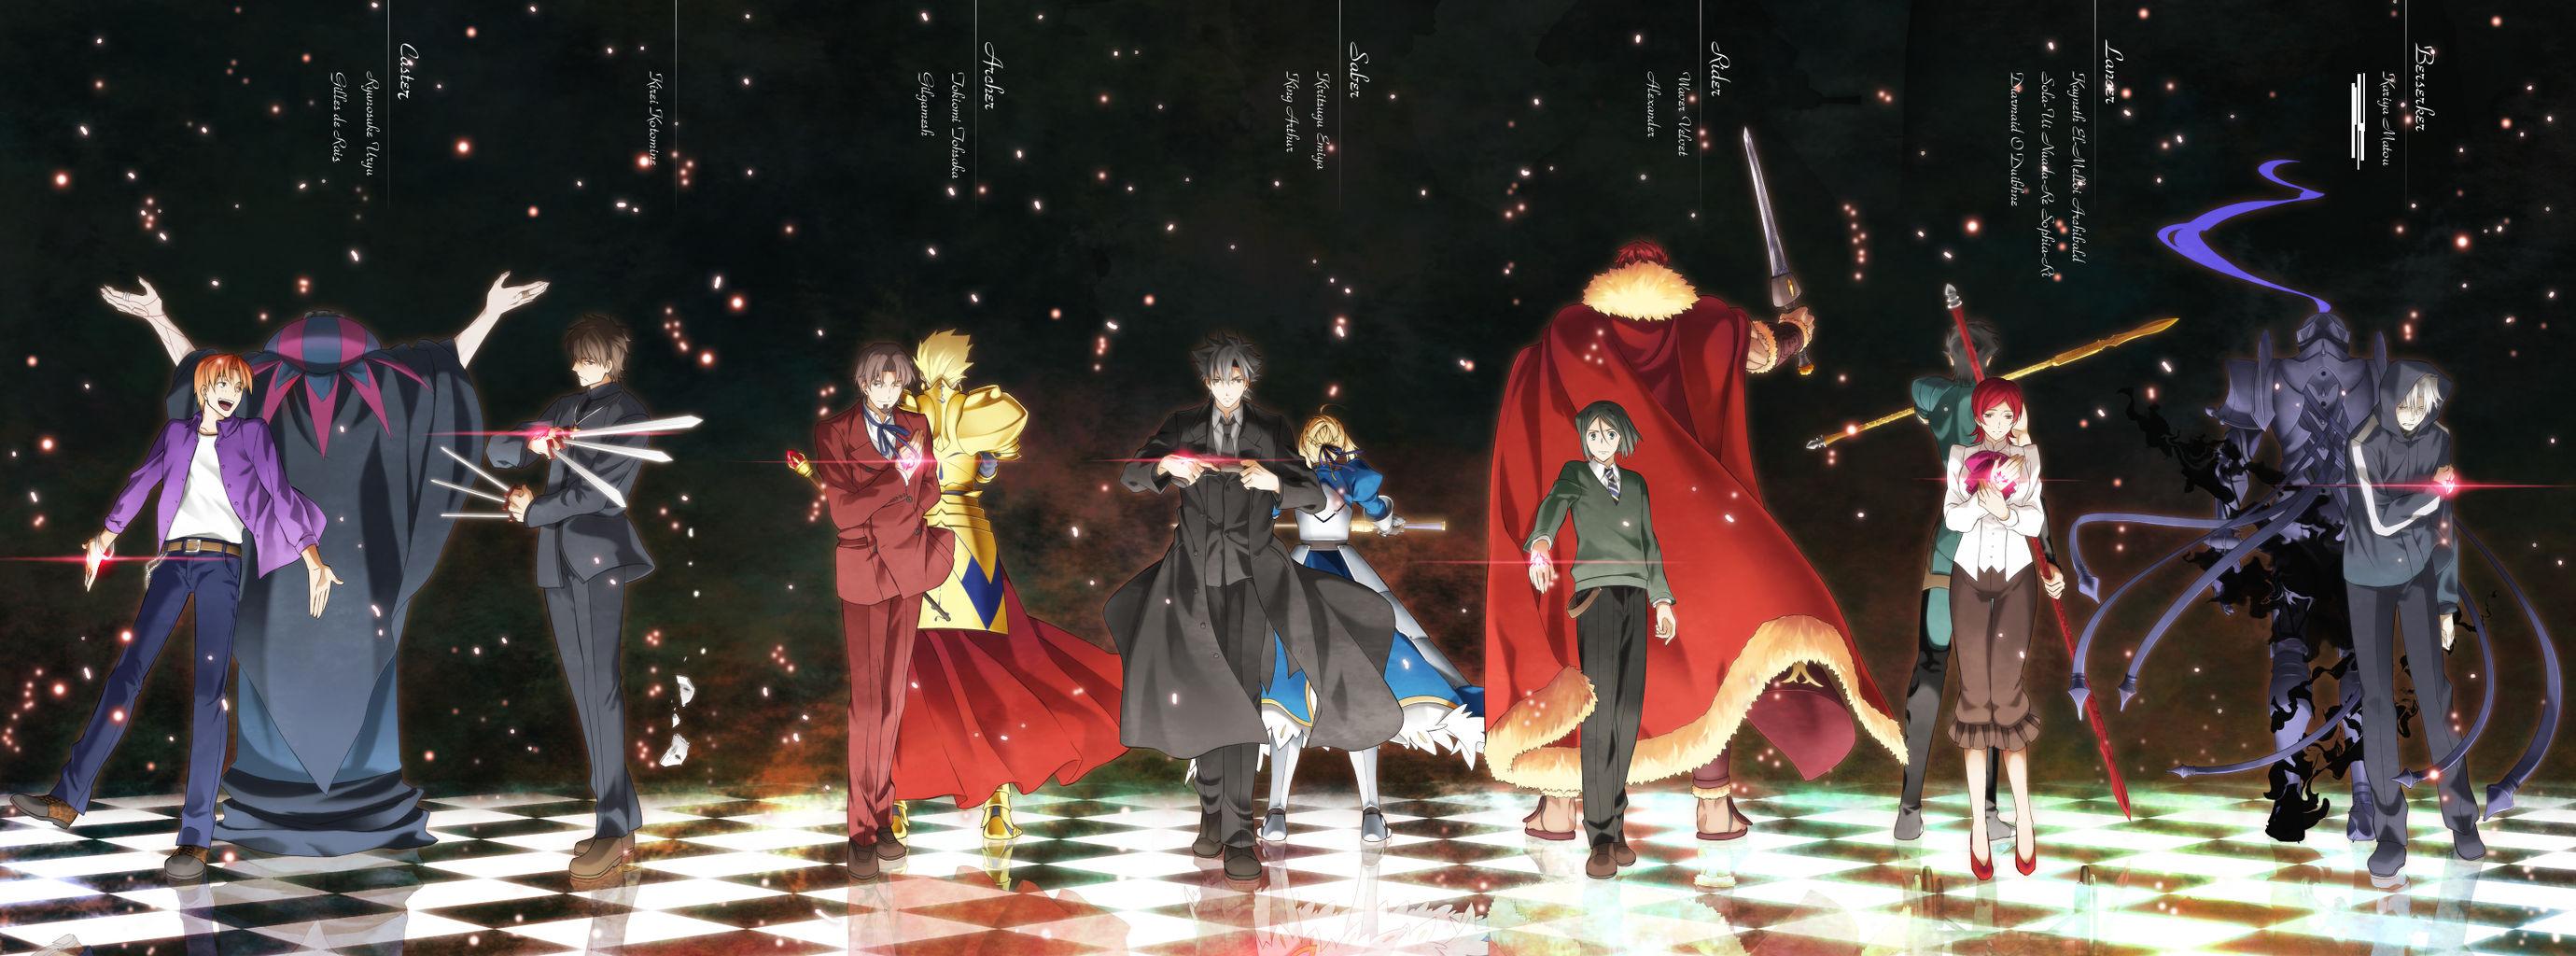 Fate Zero 二次画像まとめ ゲーム攻略のまるはし